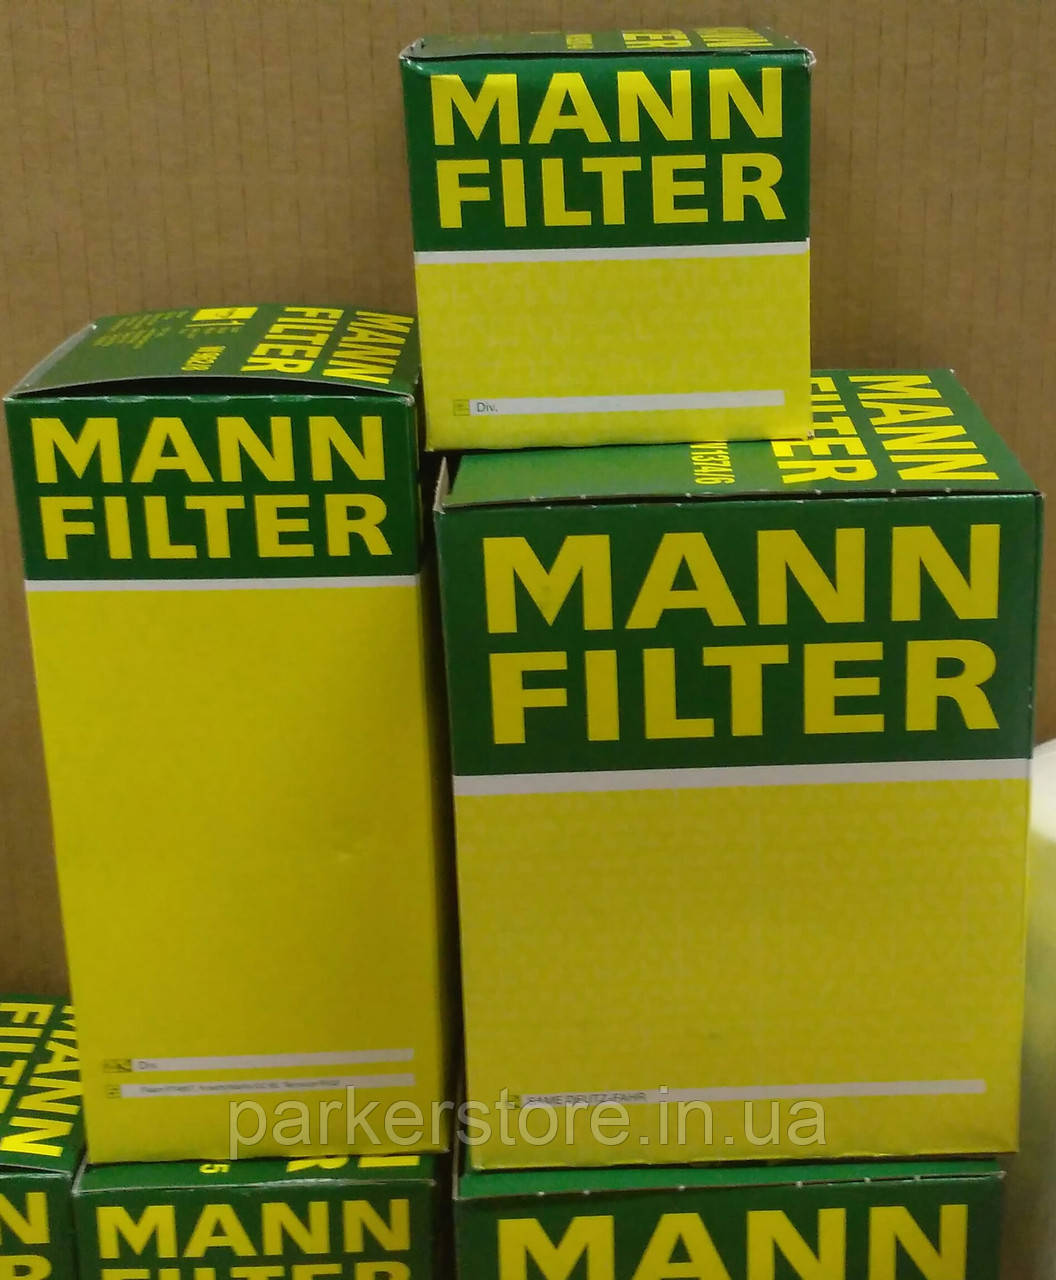 MANN FILTER / Повітряний фільтр / C 2329 / C2329